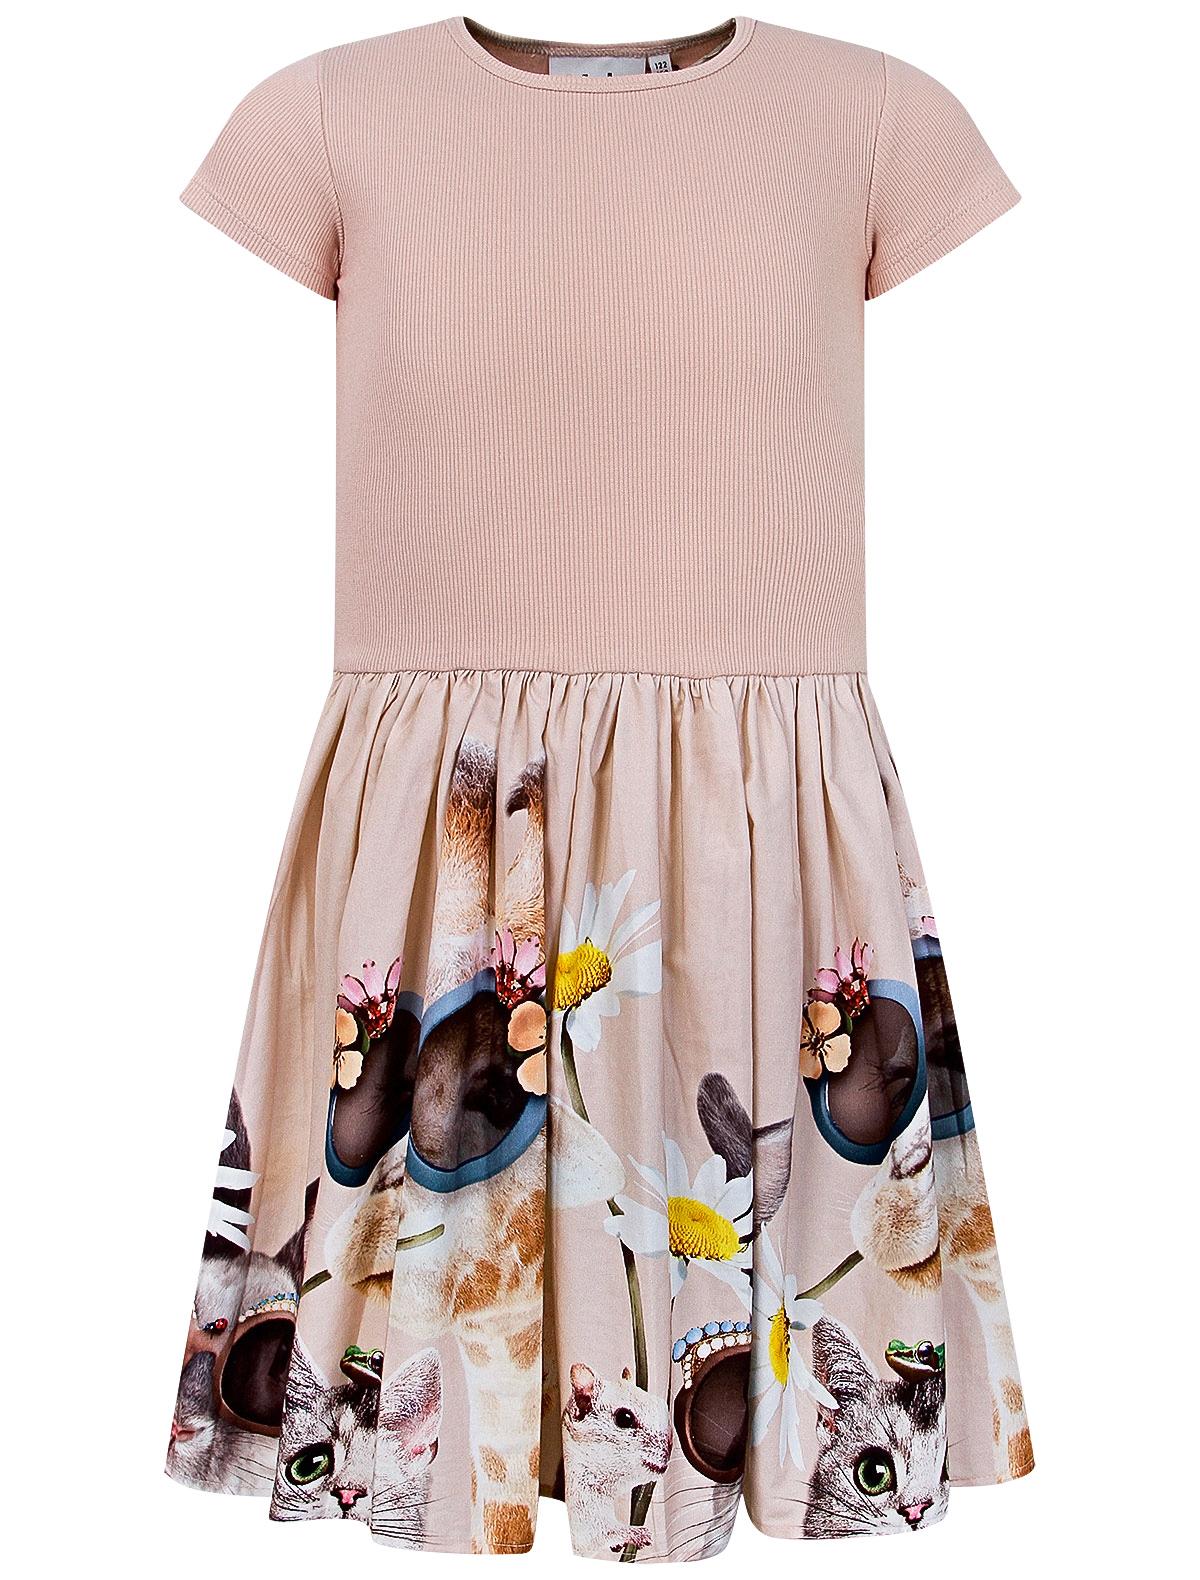 Купить 2293545, Платье MOLO, розовый, Женский, 1054609170809